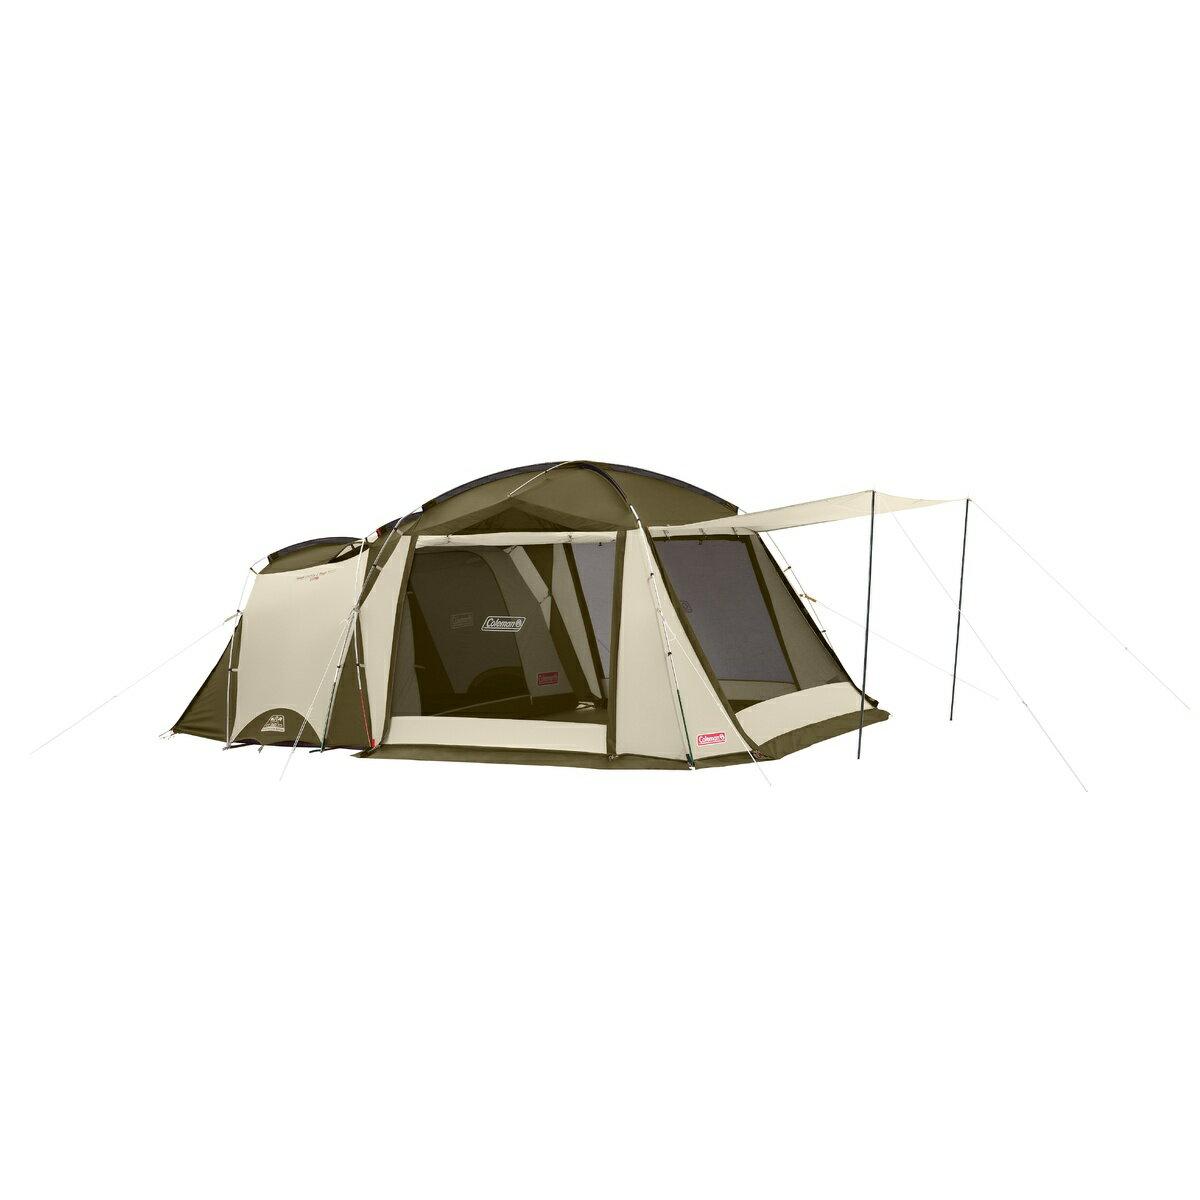 ● 【送料無料】 COLEMAN (コールマン) キャンプ用品 ファミリーテント タフスクリーン2ルームハウス (オリーブ/サンド) 2000033800